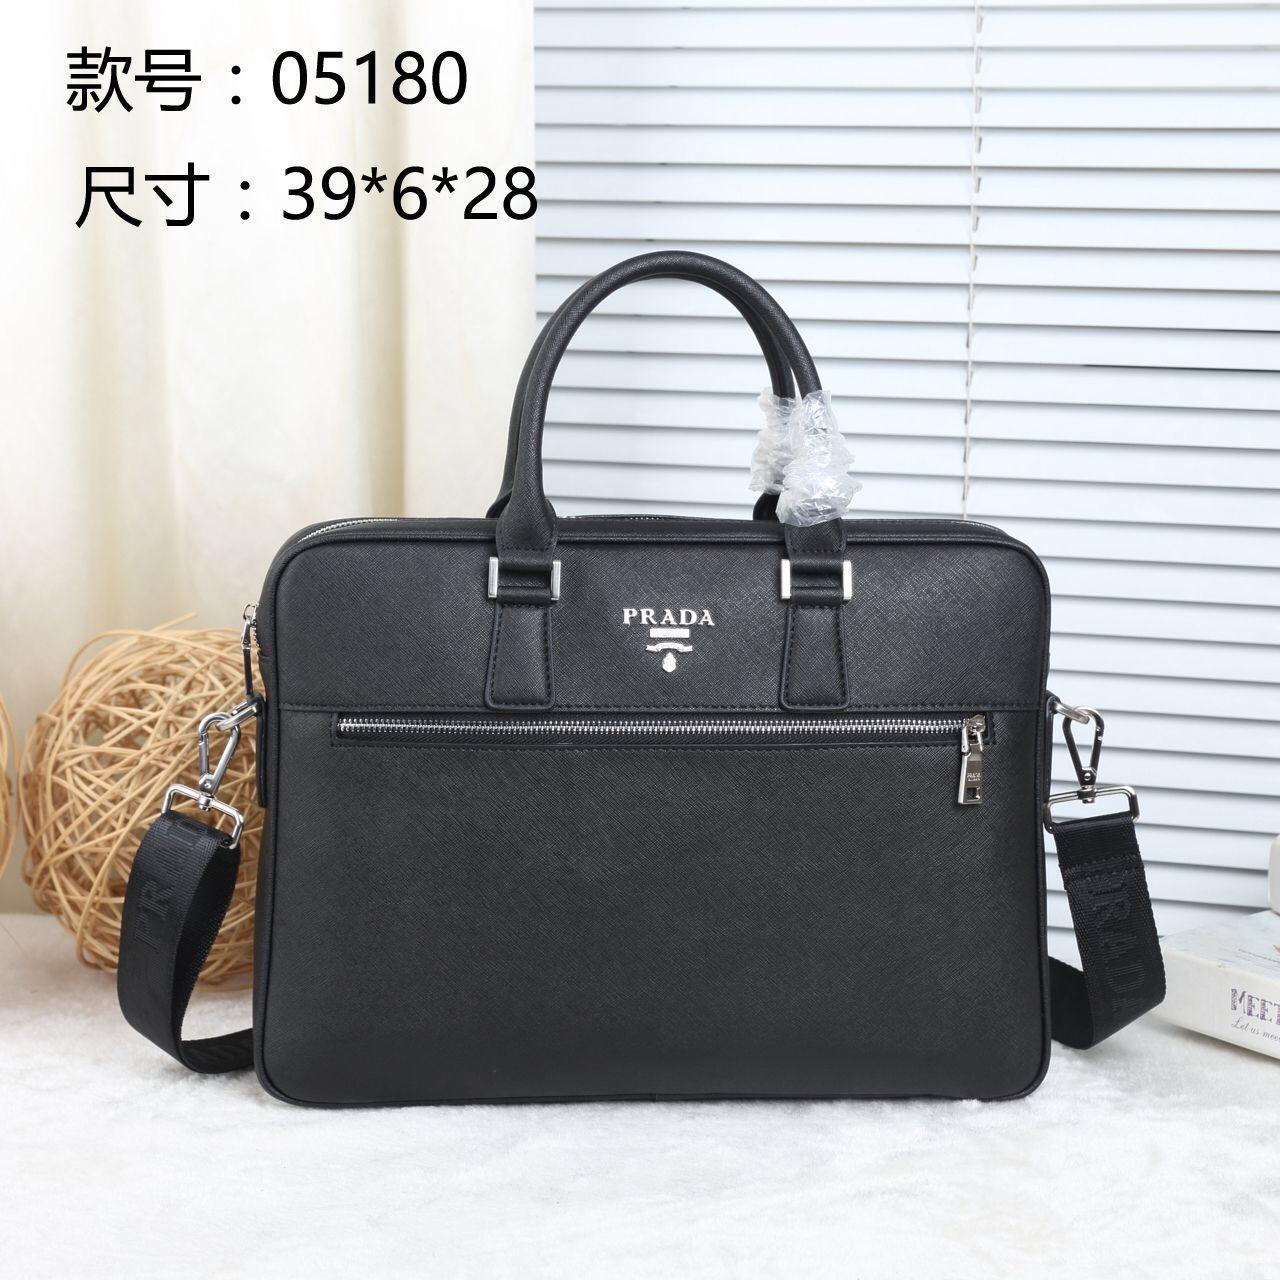 c2357d74aa676 Famous Brand Business Men Briefcase Bag Man Shoulder Bag Luxury ...